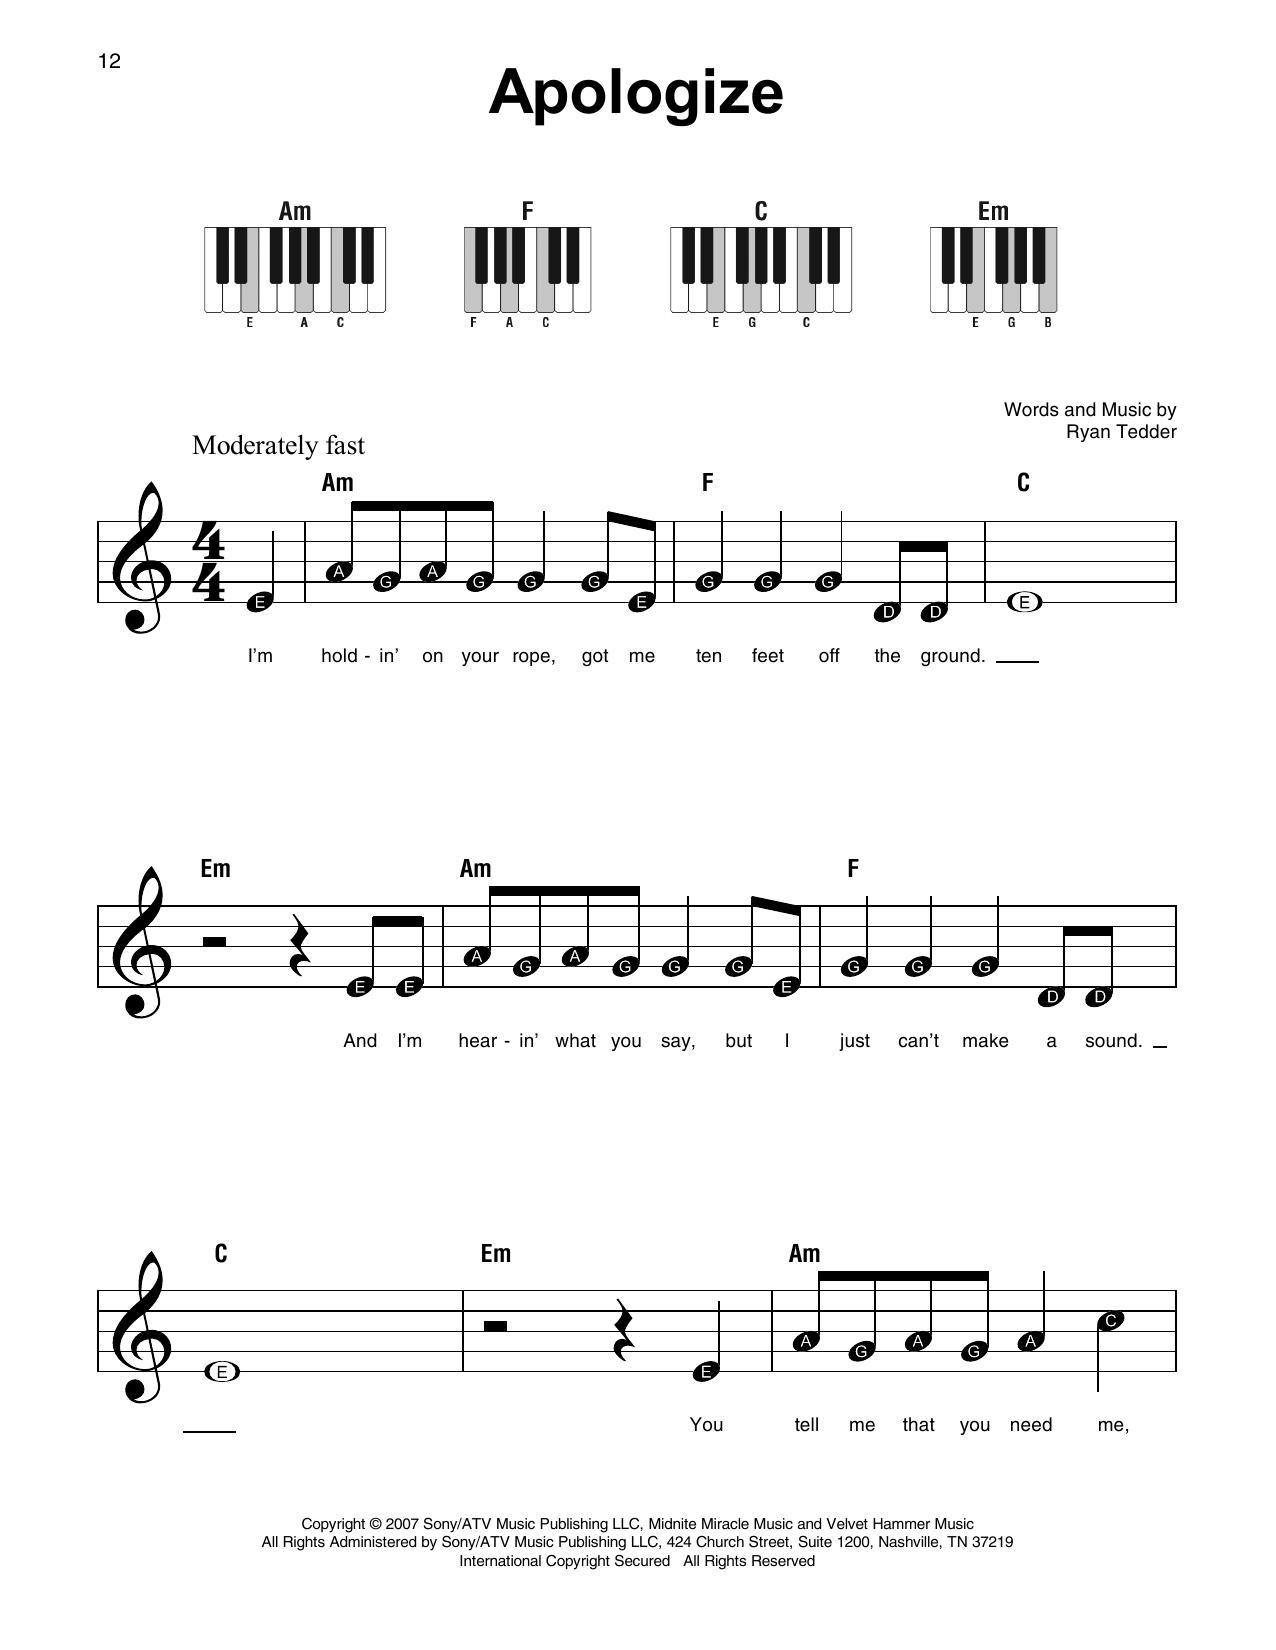 Apologize (Feat. Onerepublic) Sheet Music | Timbaland | Super Easy Piano - Apologize Piano Sheet Music Free Printable